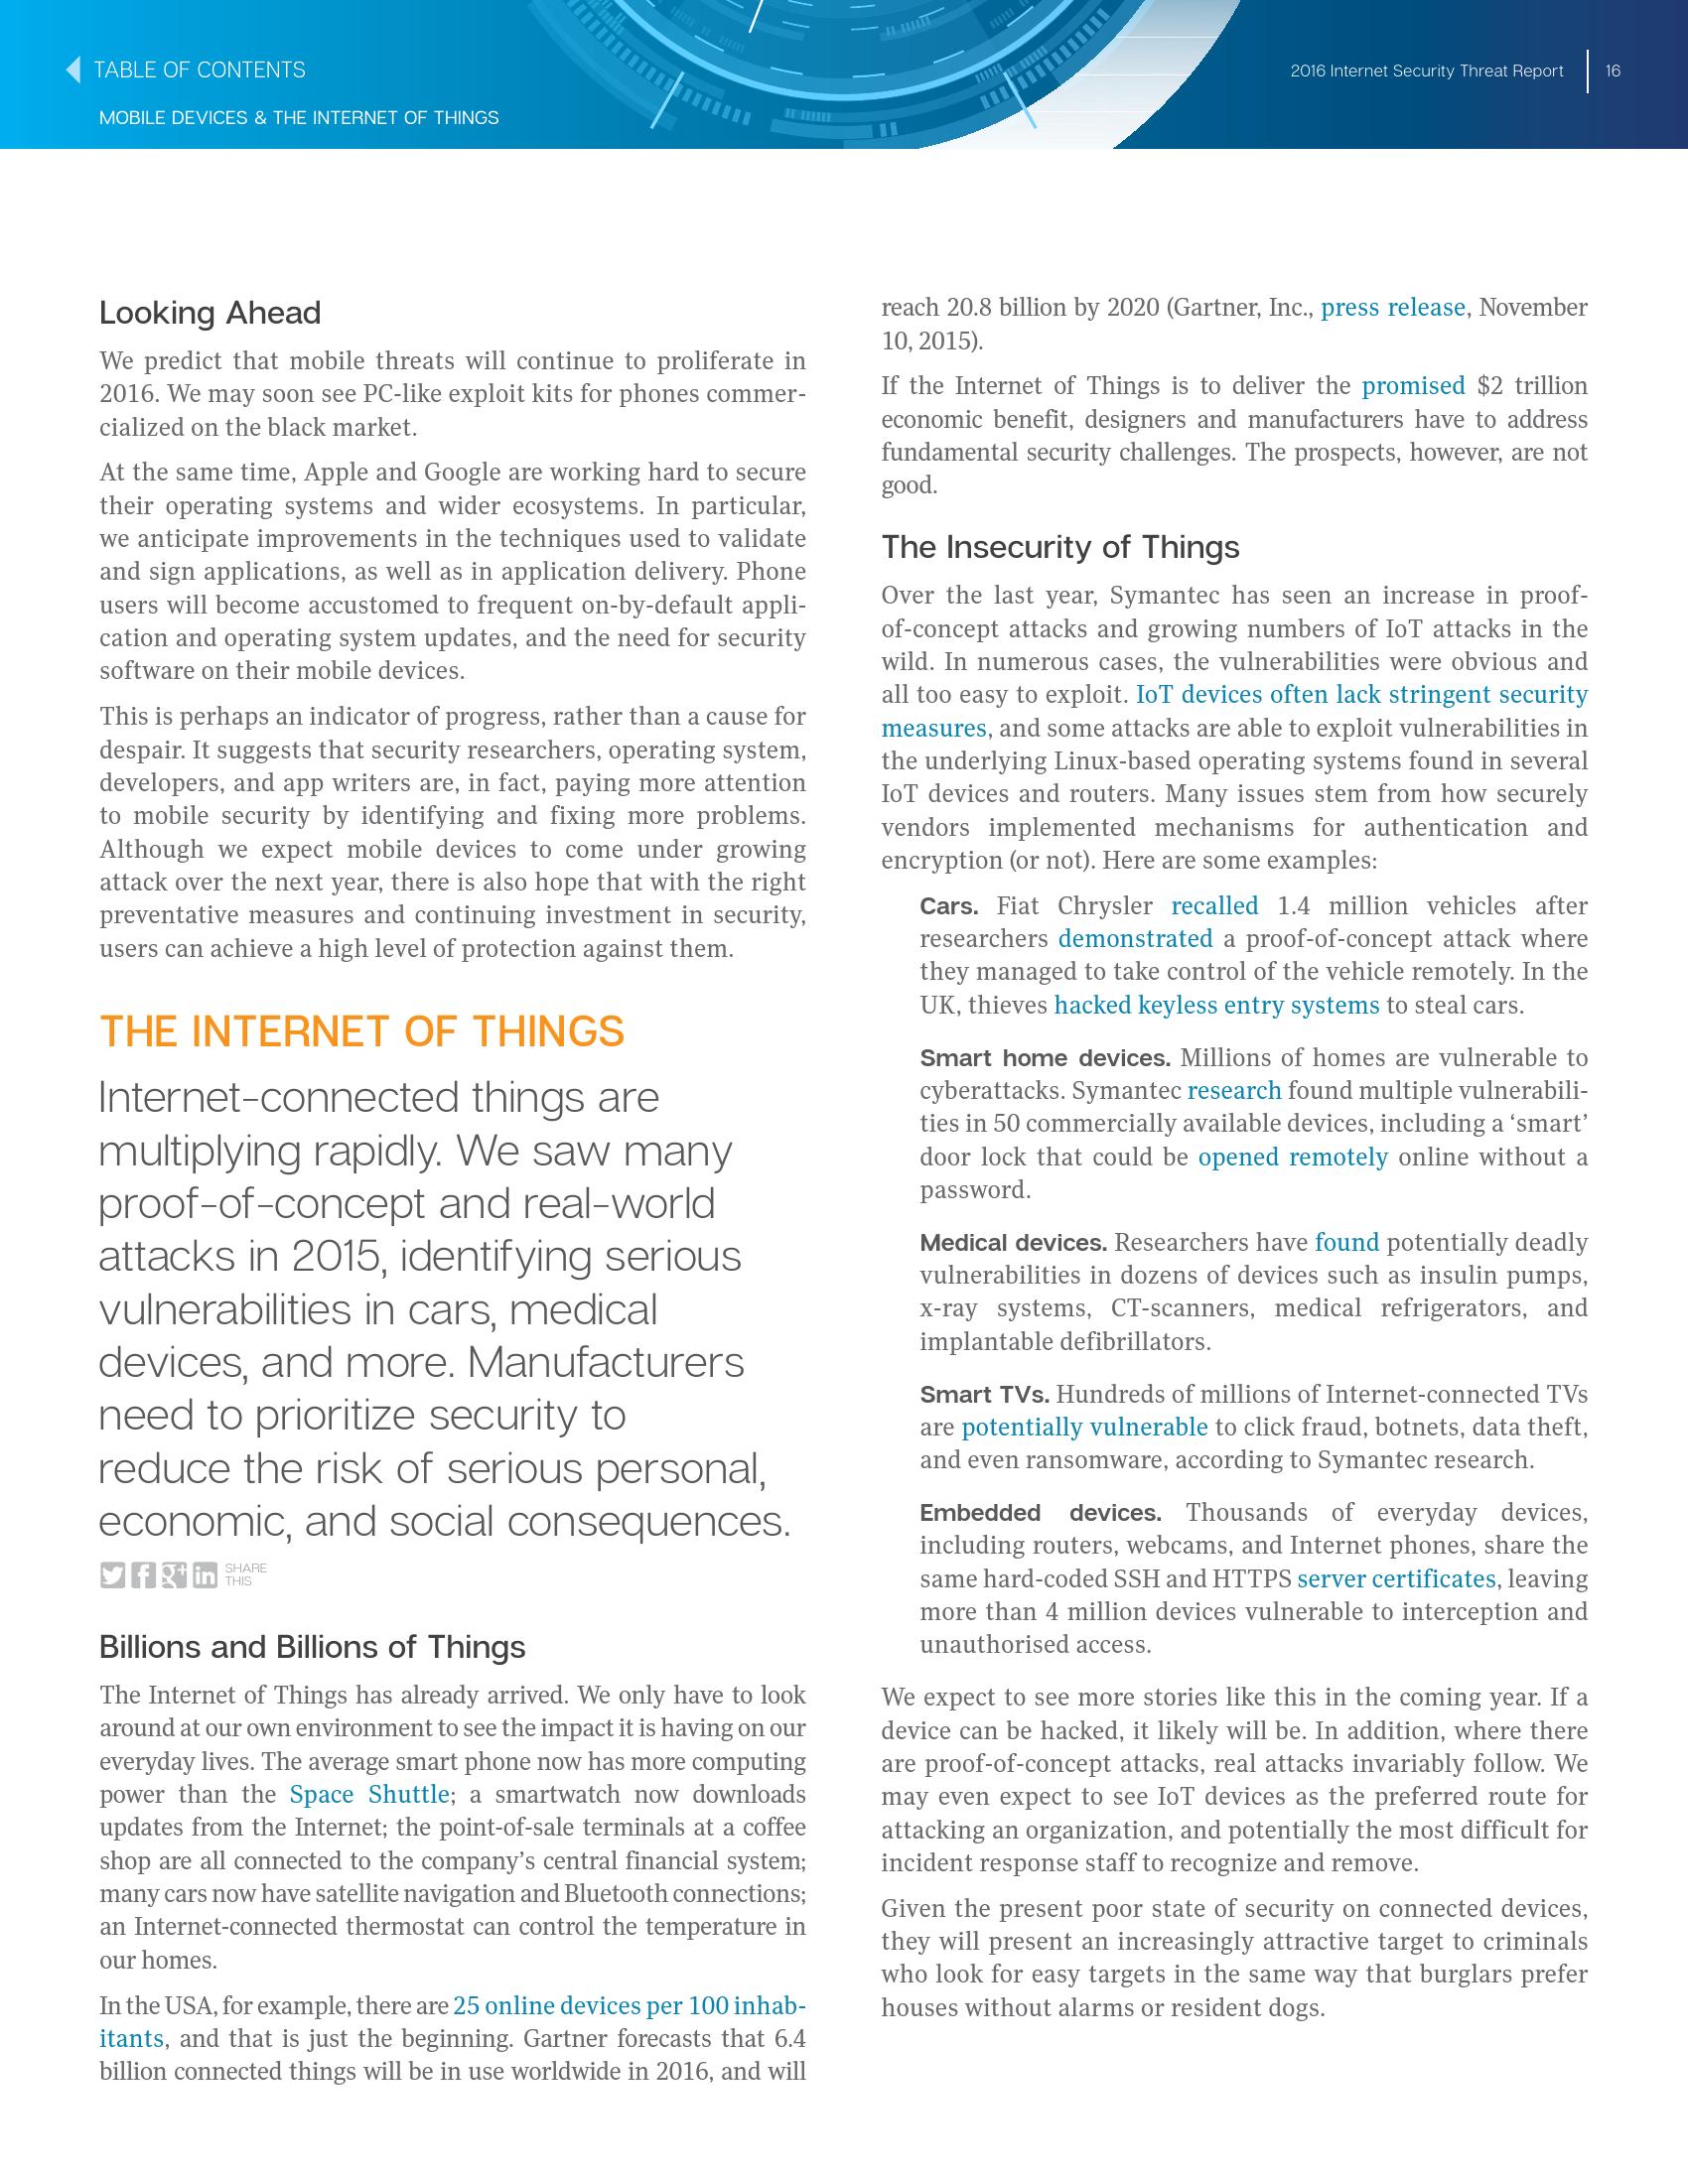 2016年互联网安全威胁报告_000016